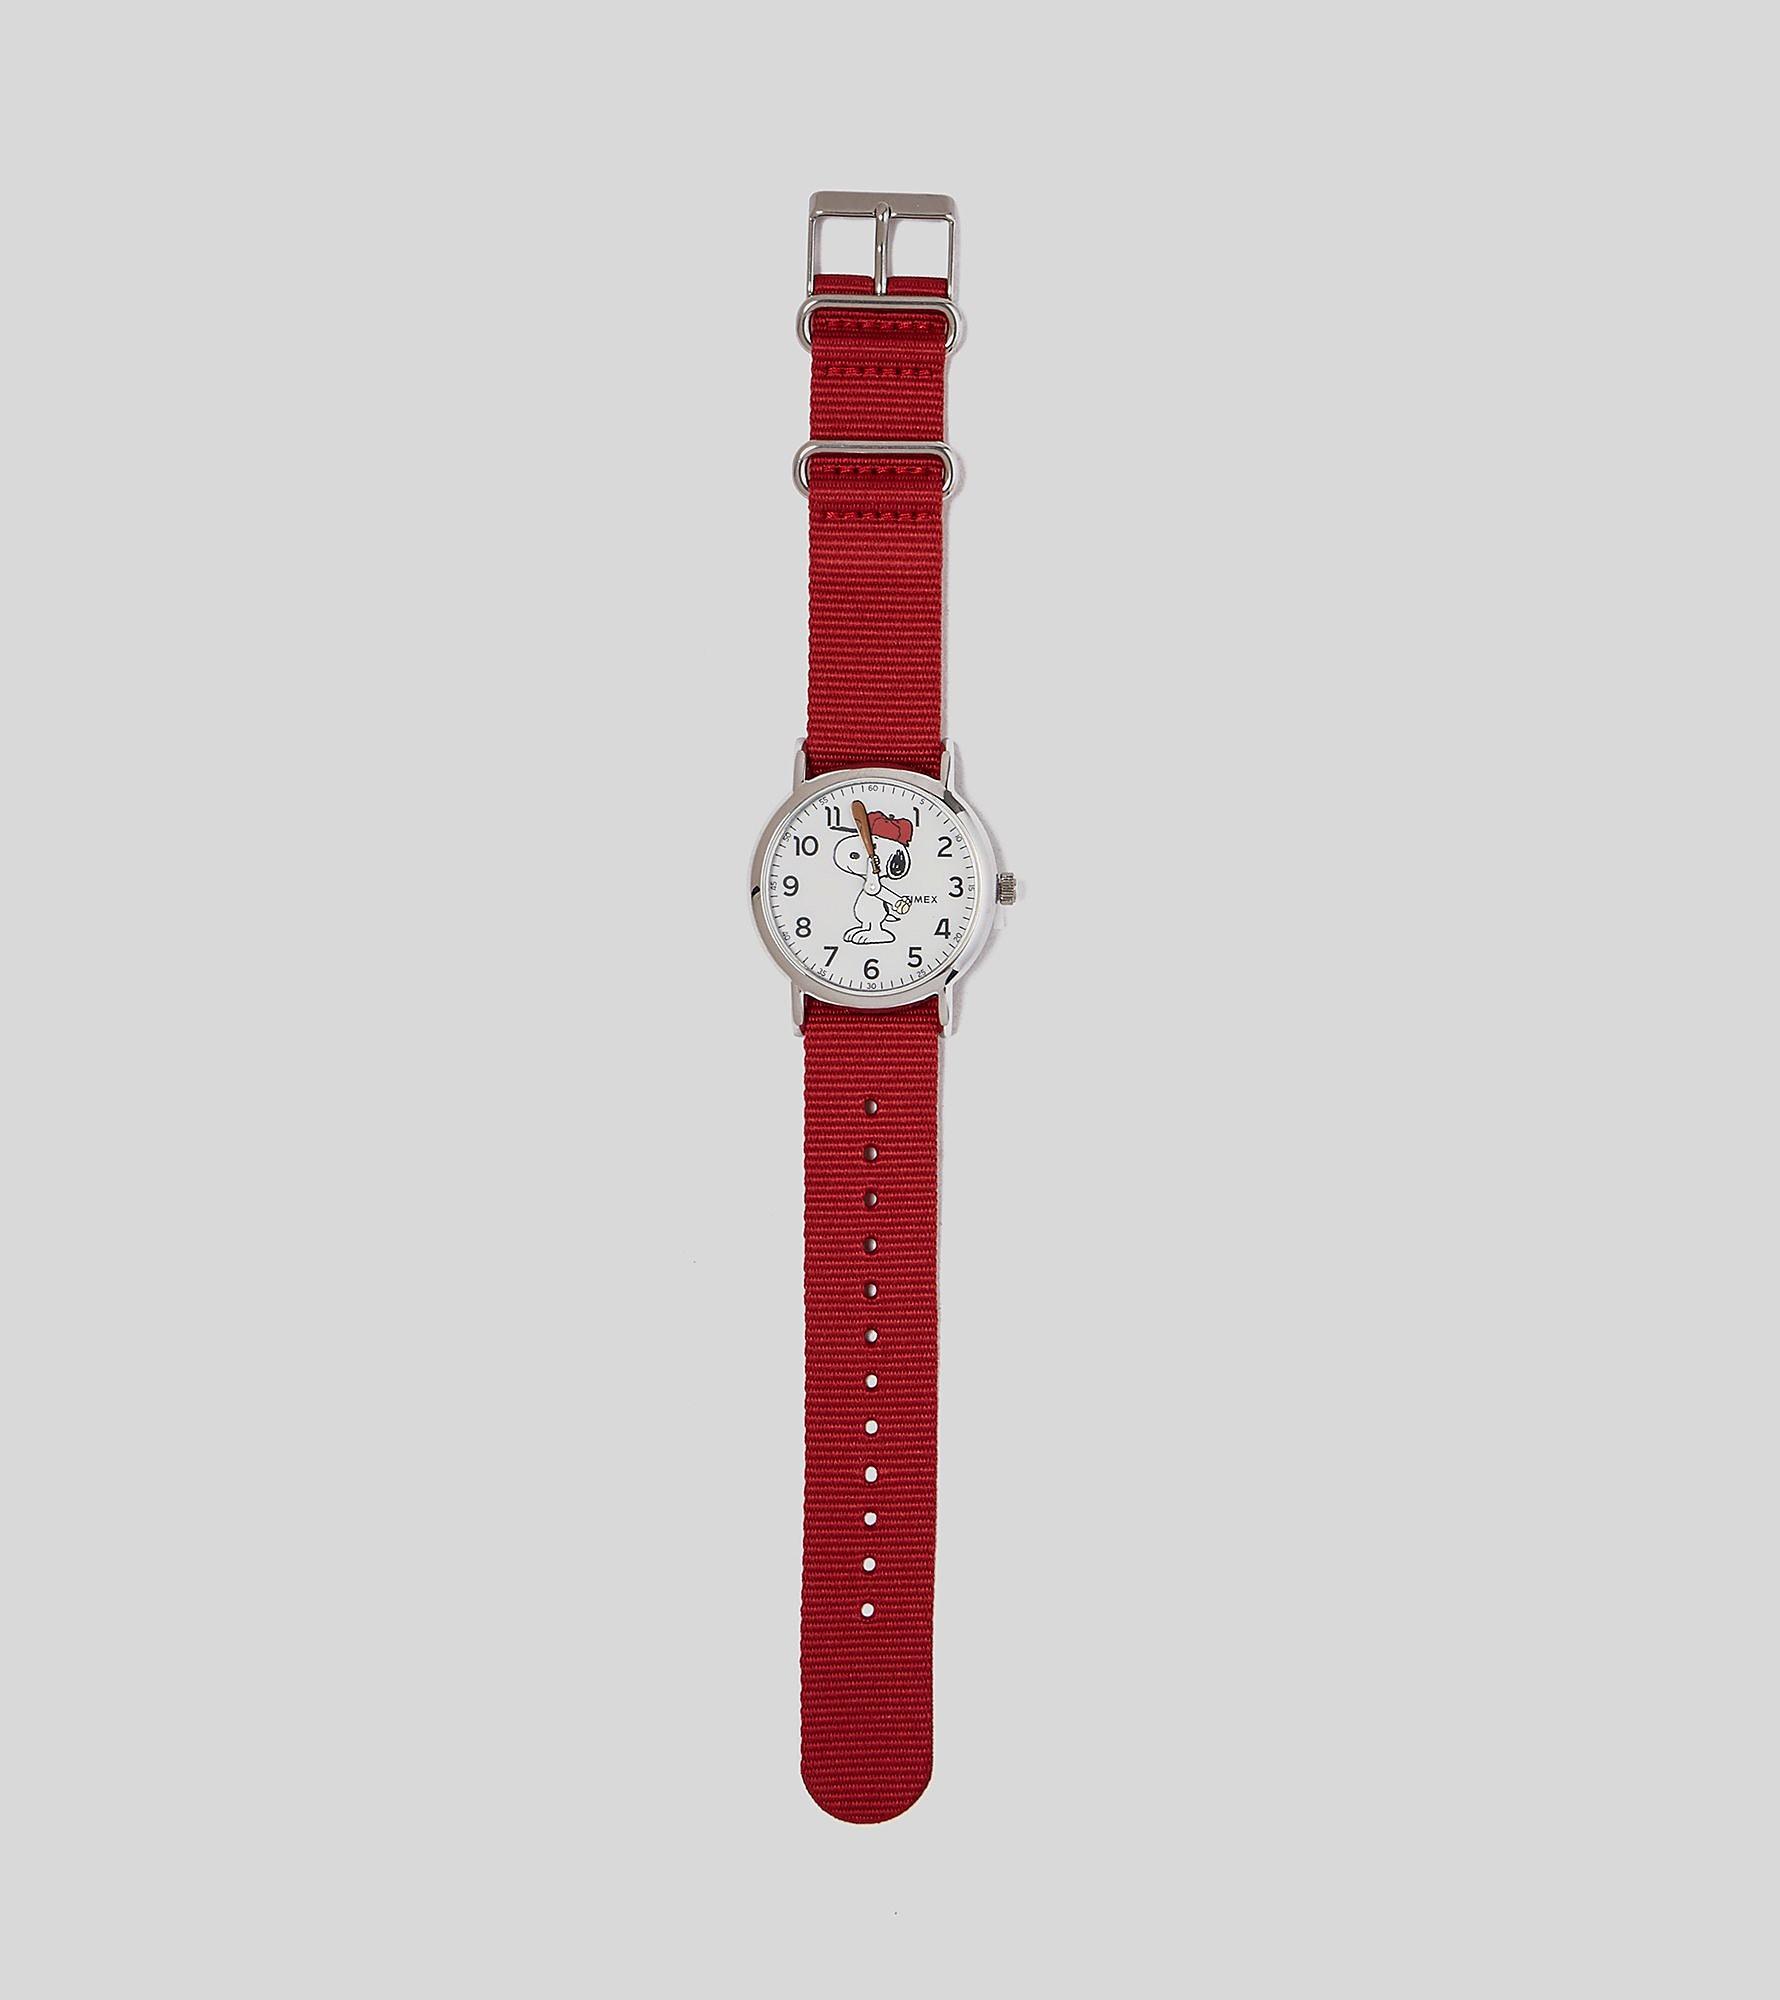 Timex Weekender x Peanuts Snoopy Watch